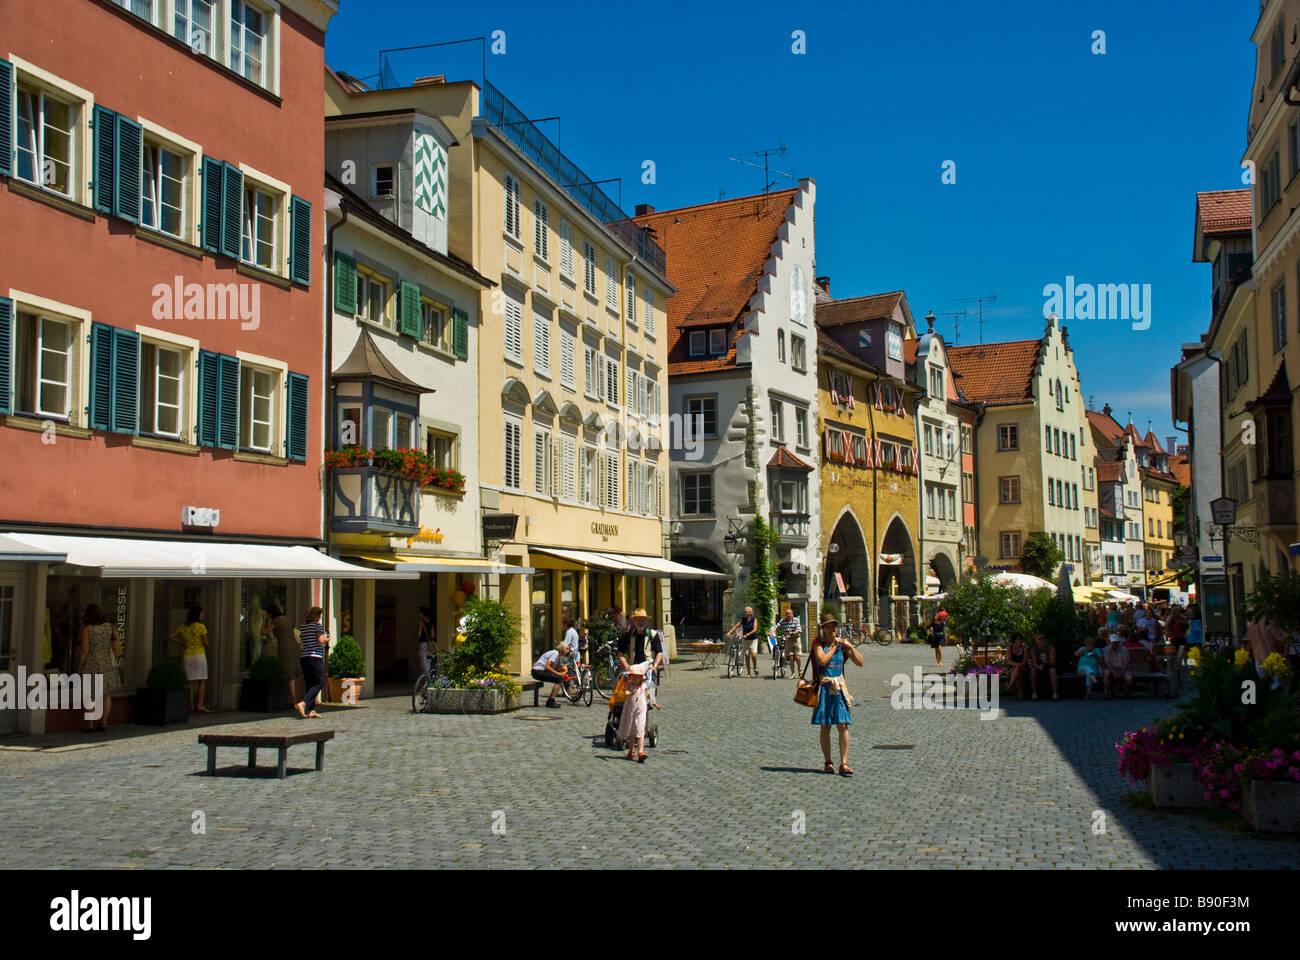 Historische alte Stadt Lindau mit Bäckerei Bürklin und Wegelin Zum Pflug-Bayern-Deutschland | Historische Stockbild